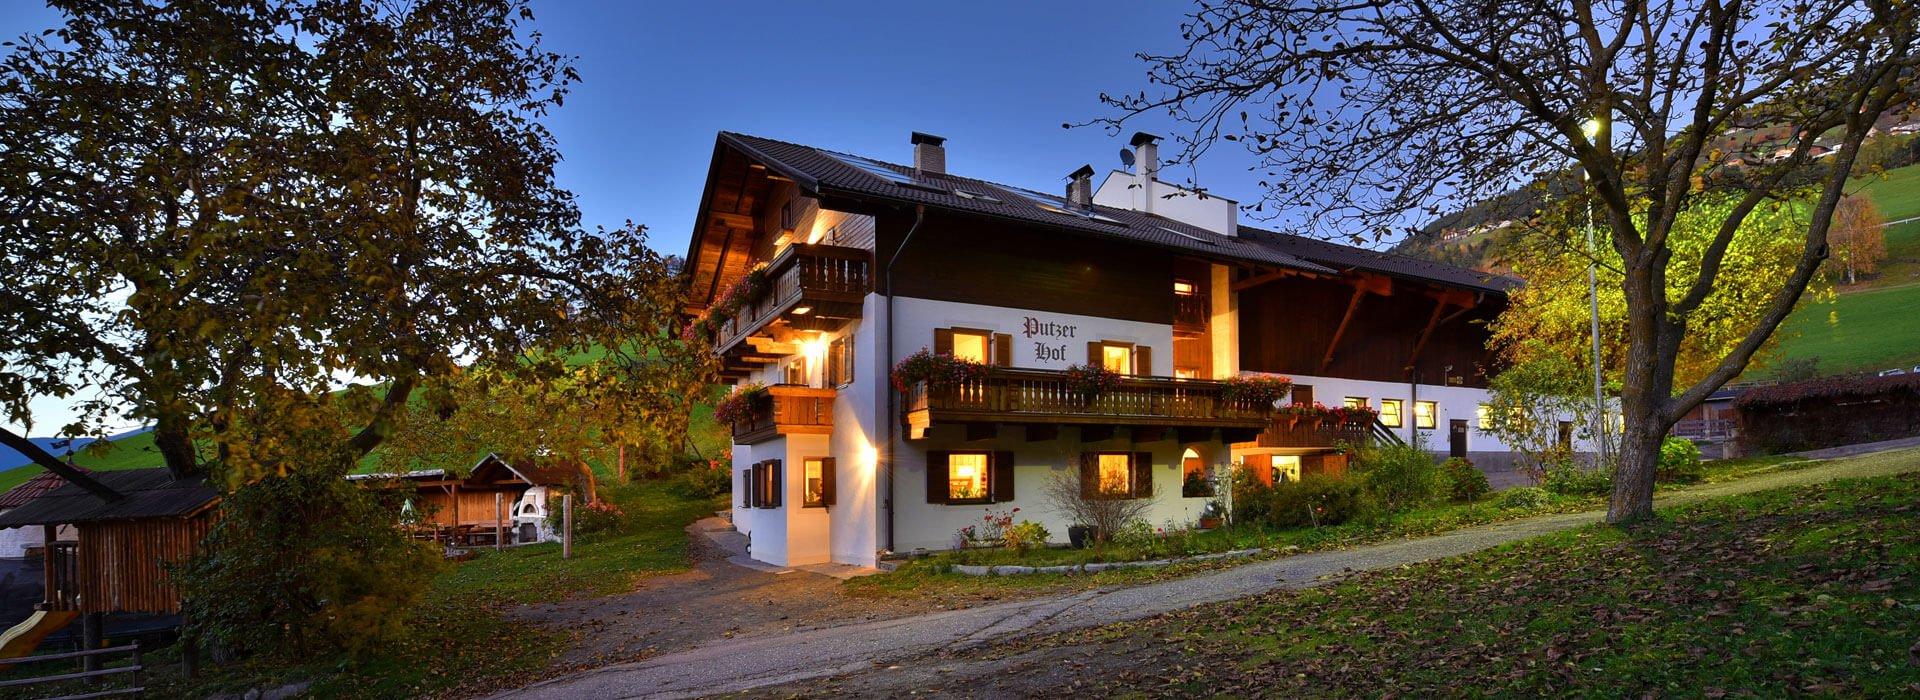 ferienbauernhof-suedtirol-putzerhof